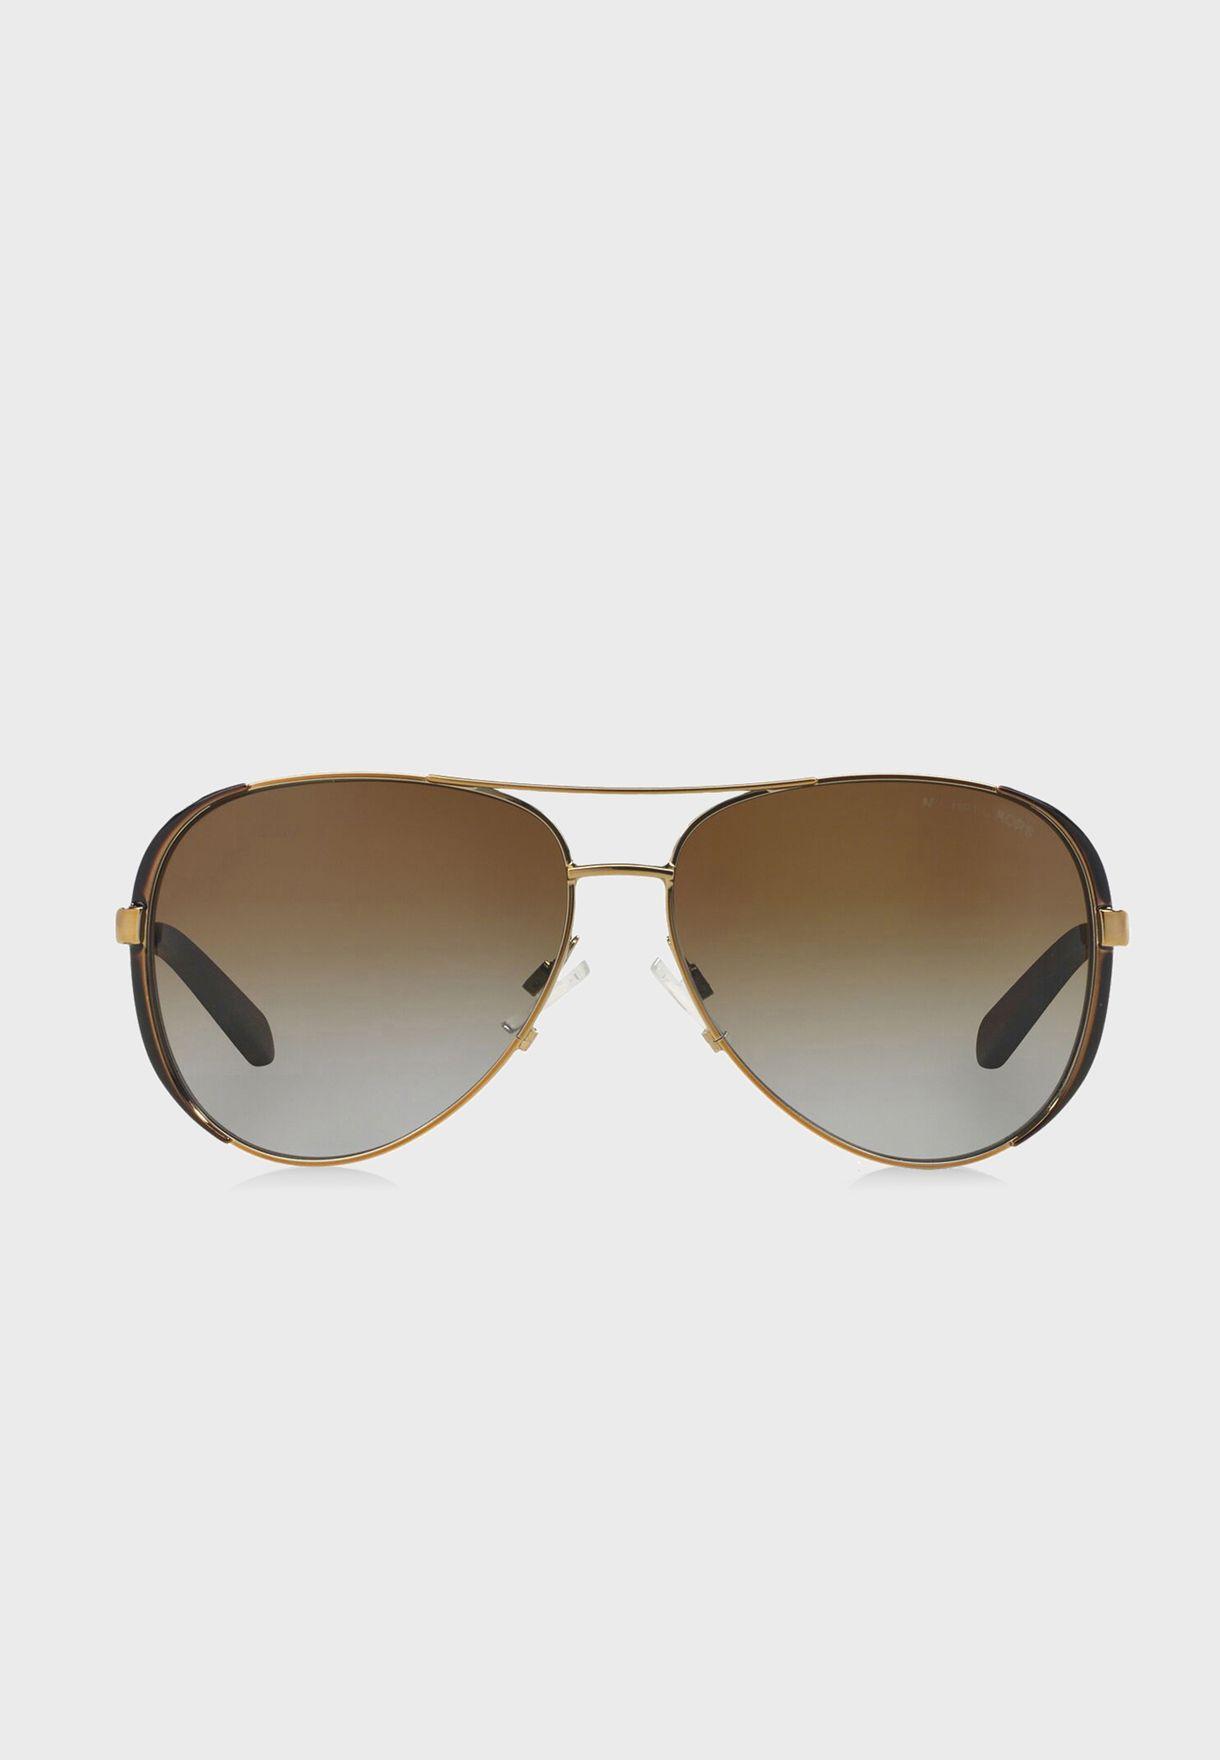 0MK5004 Aviator Sunglasses